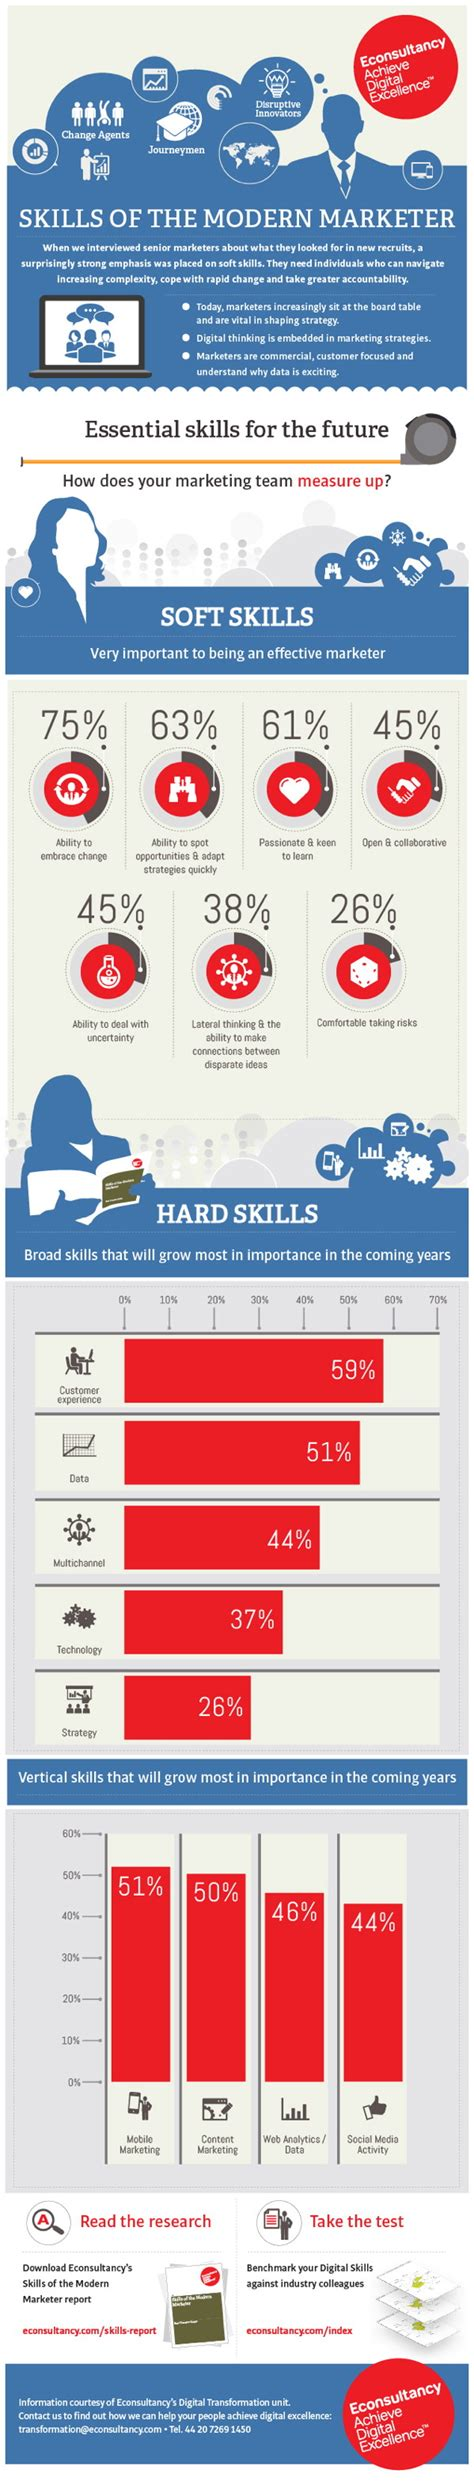 libro graphic design essentials skills interview alles zum thema the strategy web